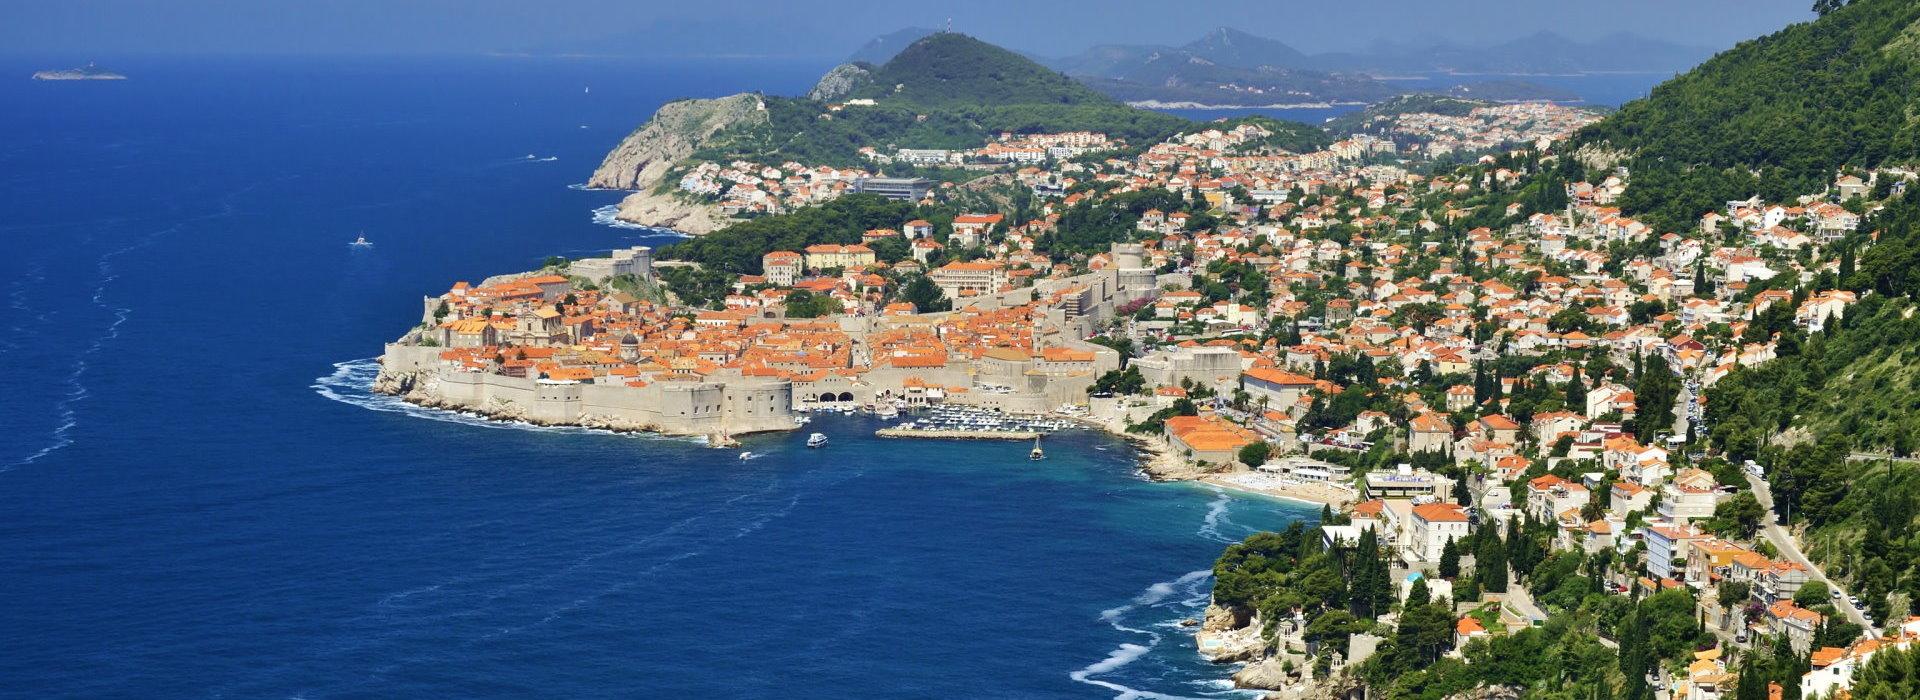 Il tuo sogno vacanza Dubrovnik